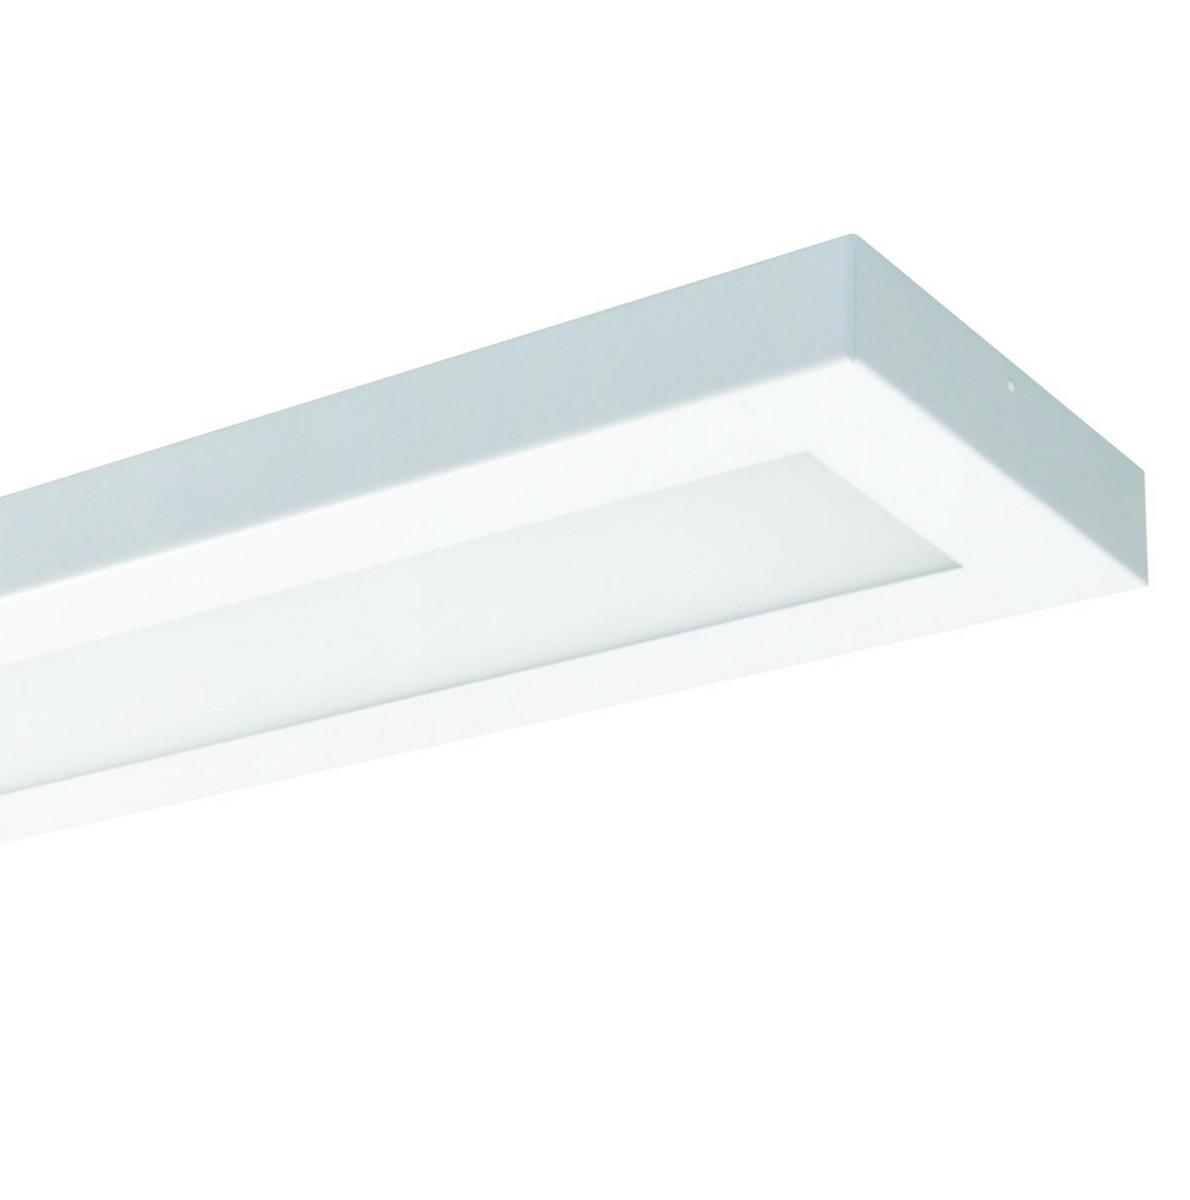 NAOS LED 1200 3200/840 IP20, hvid